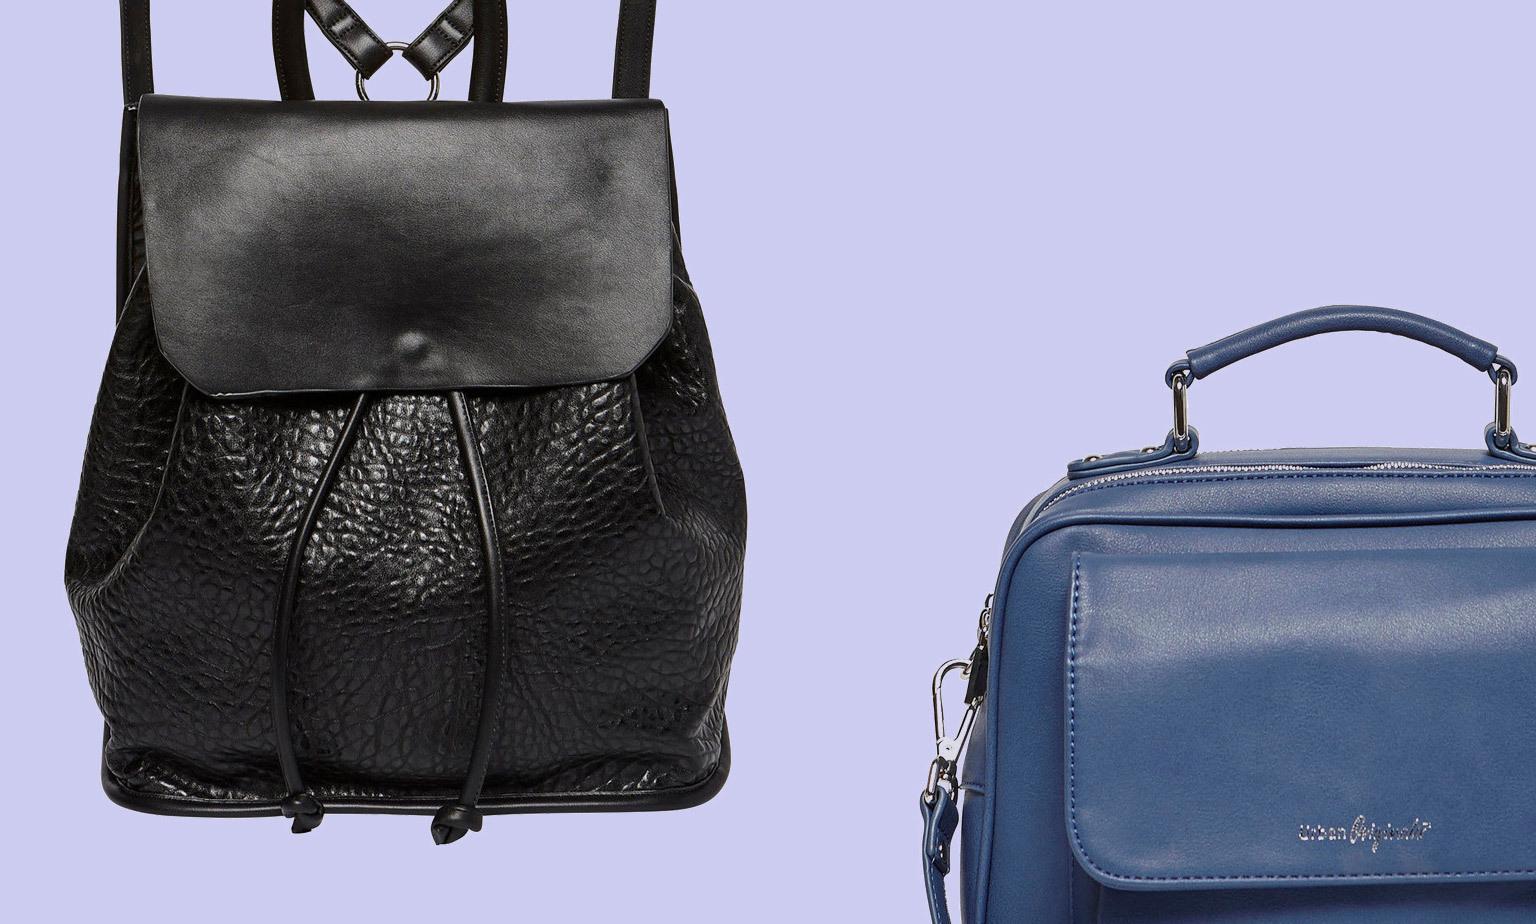 Handbags Under $100